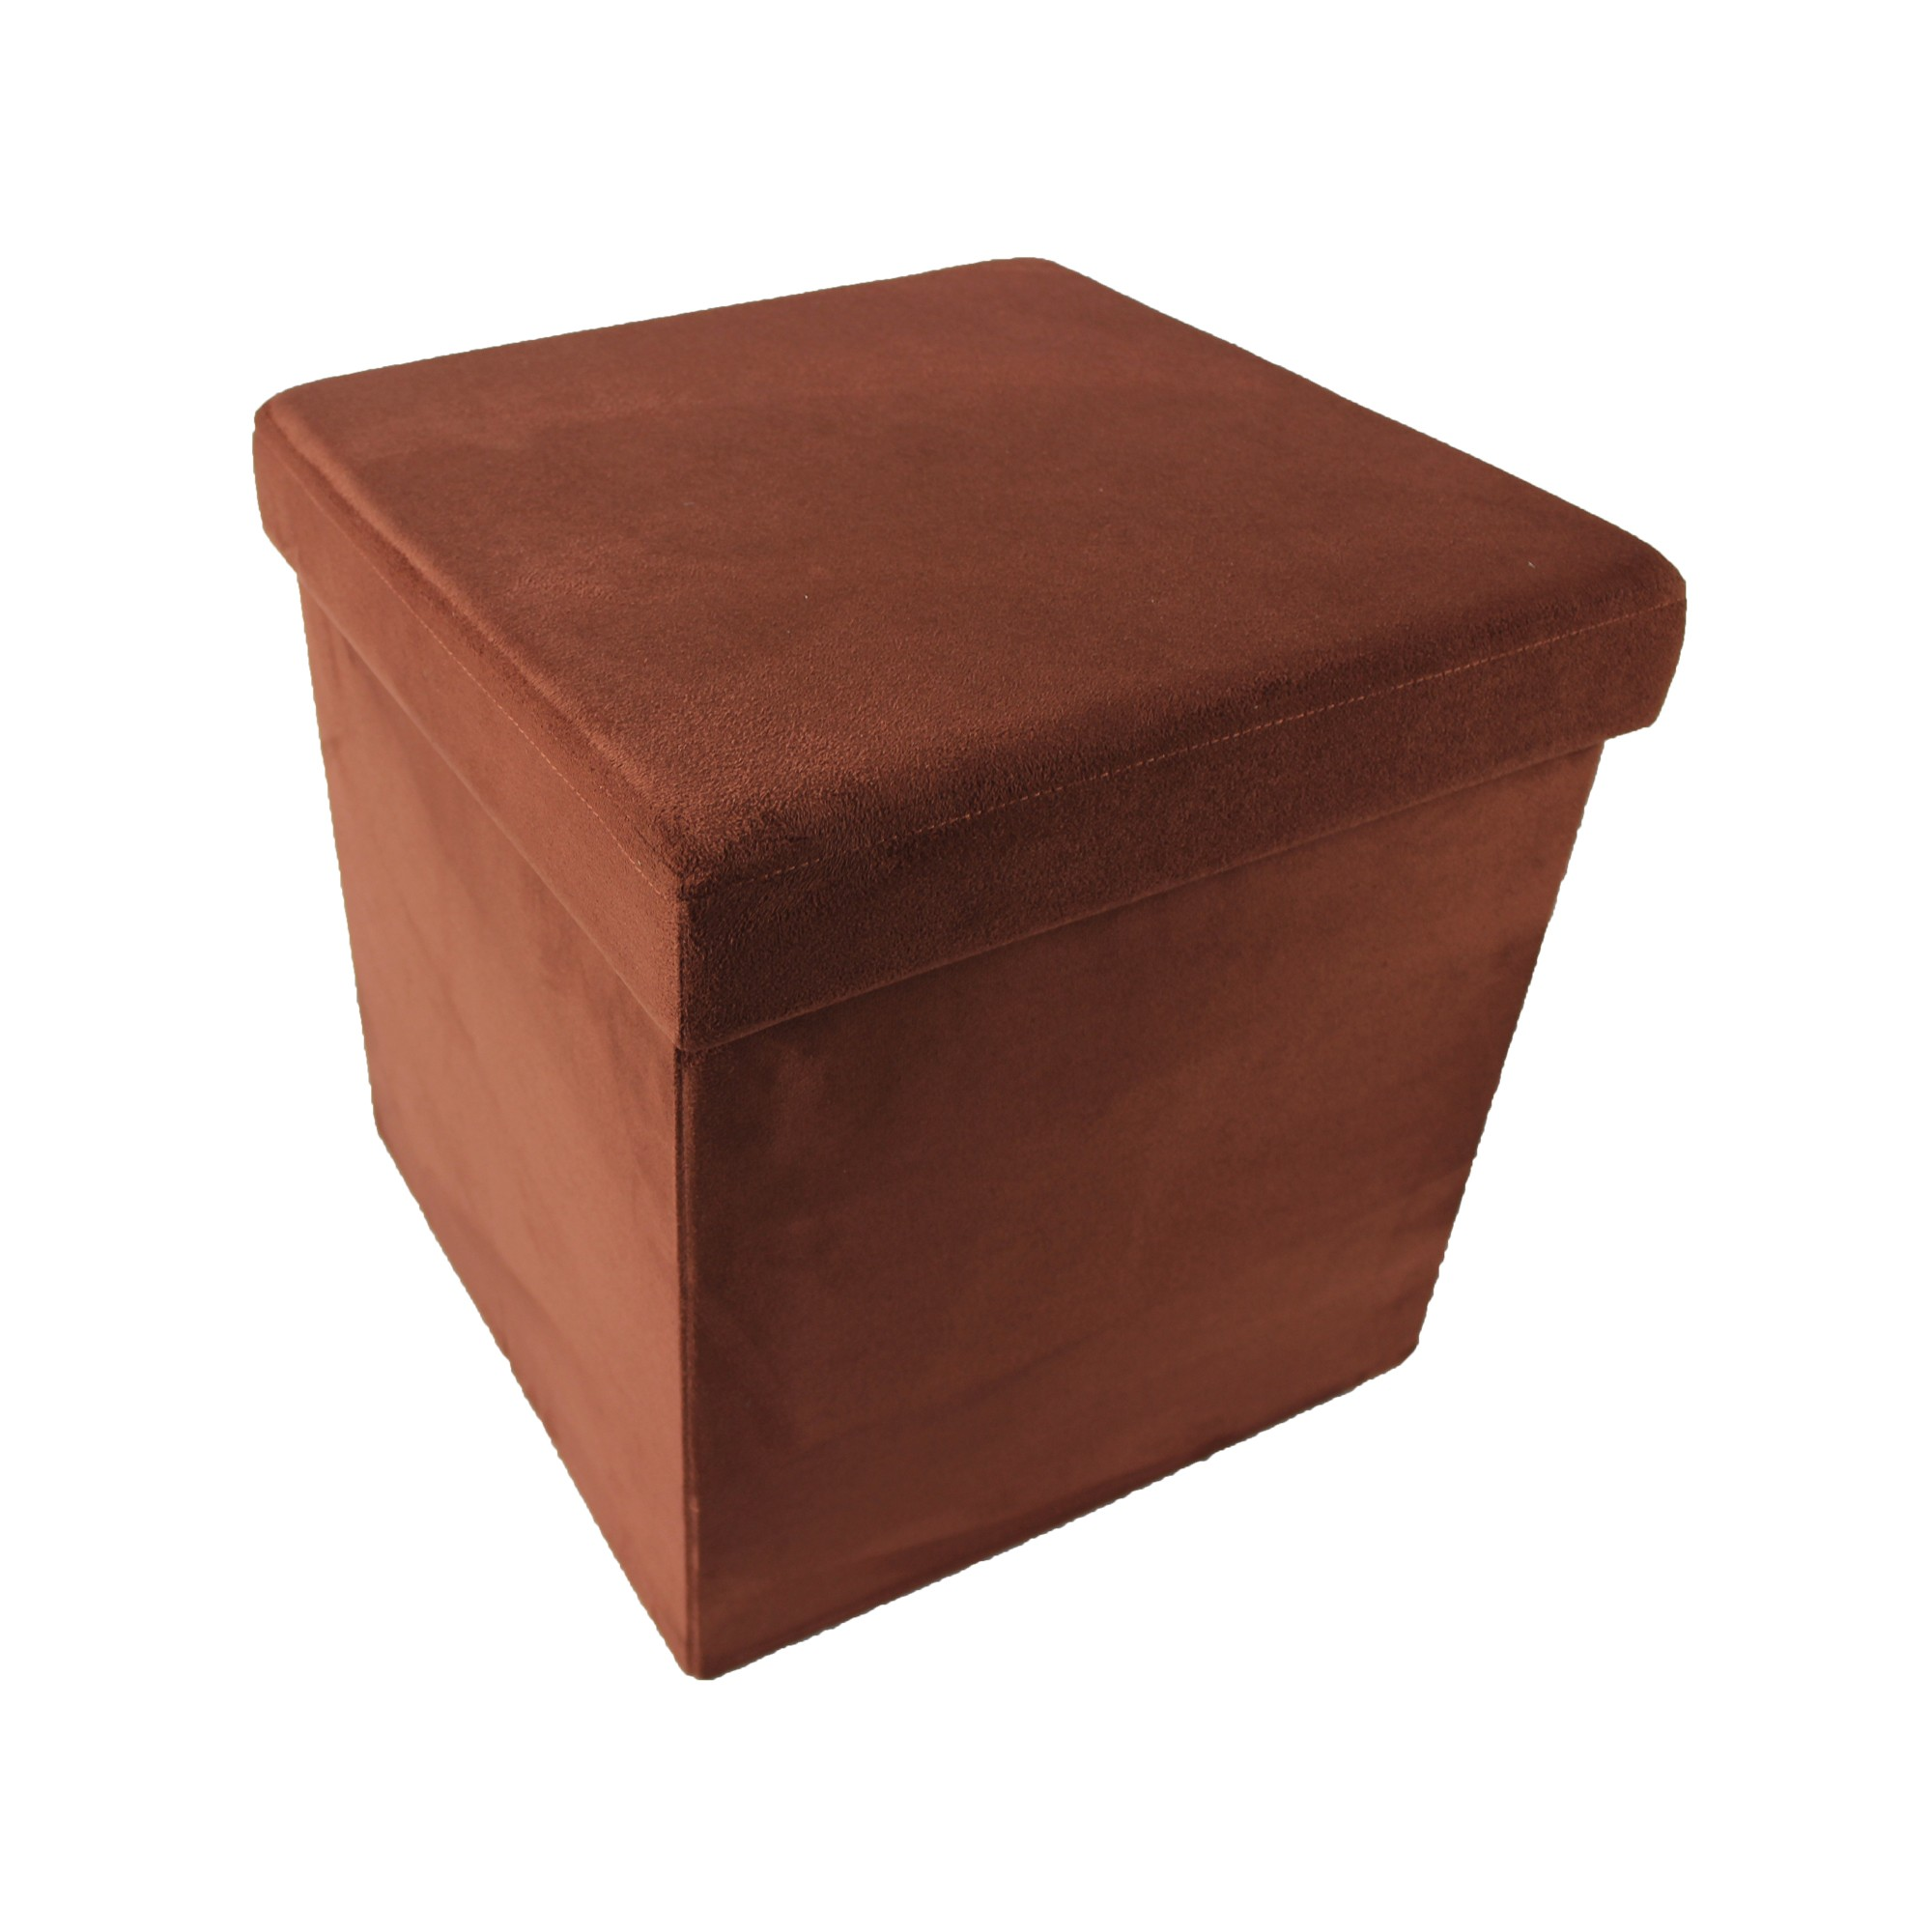 Brick Suede